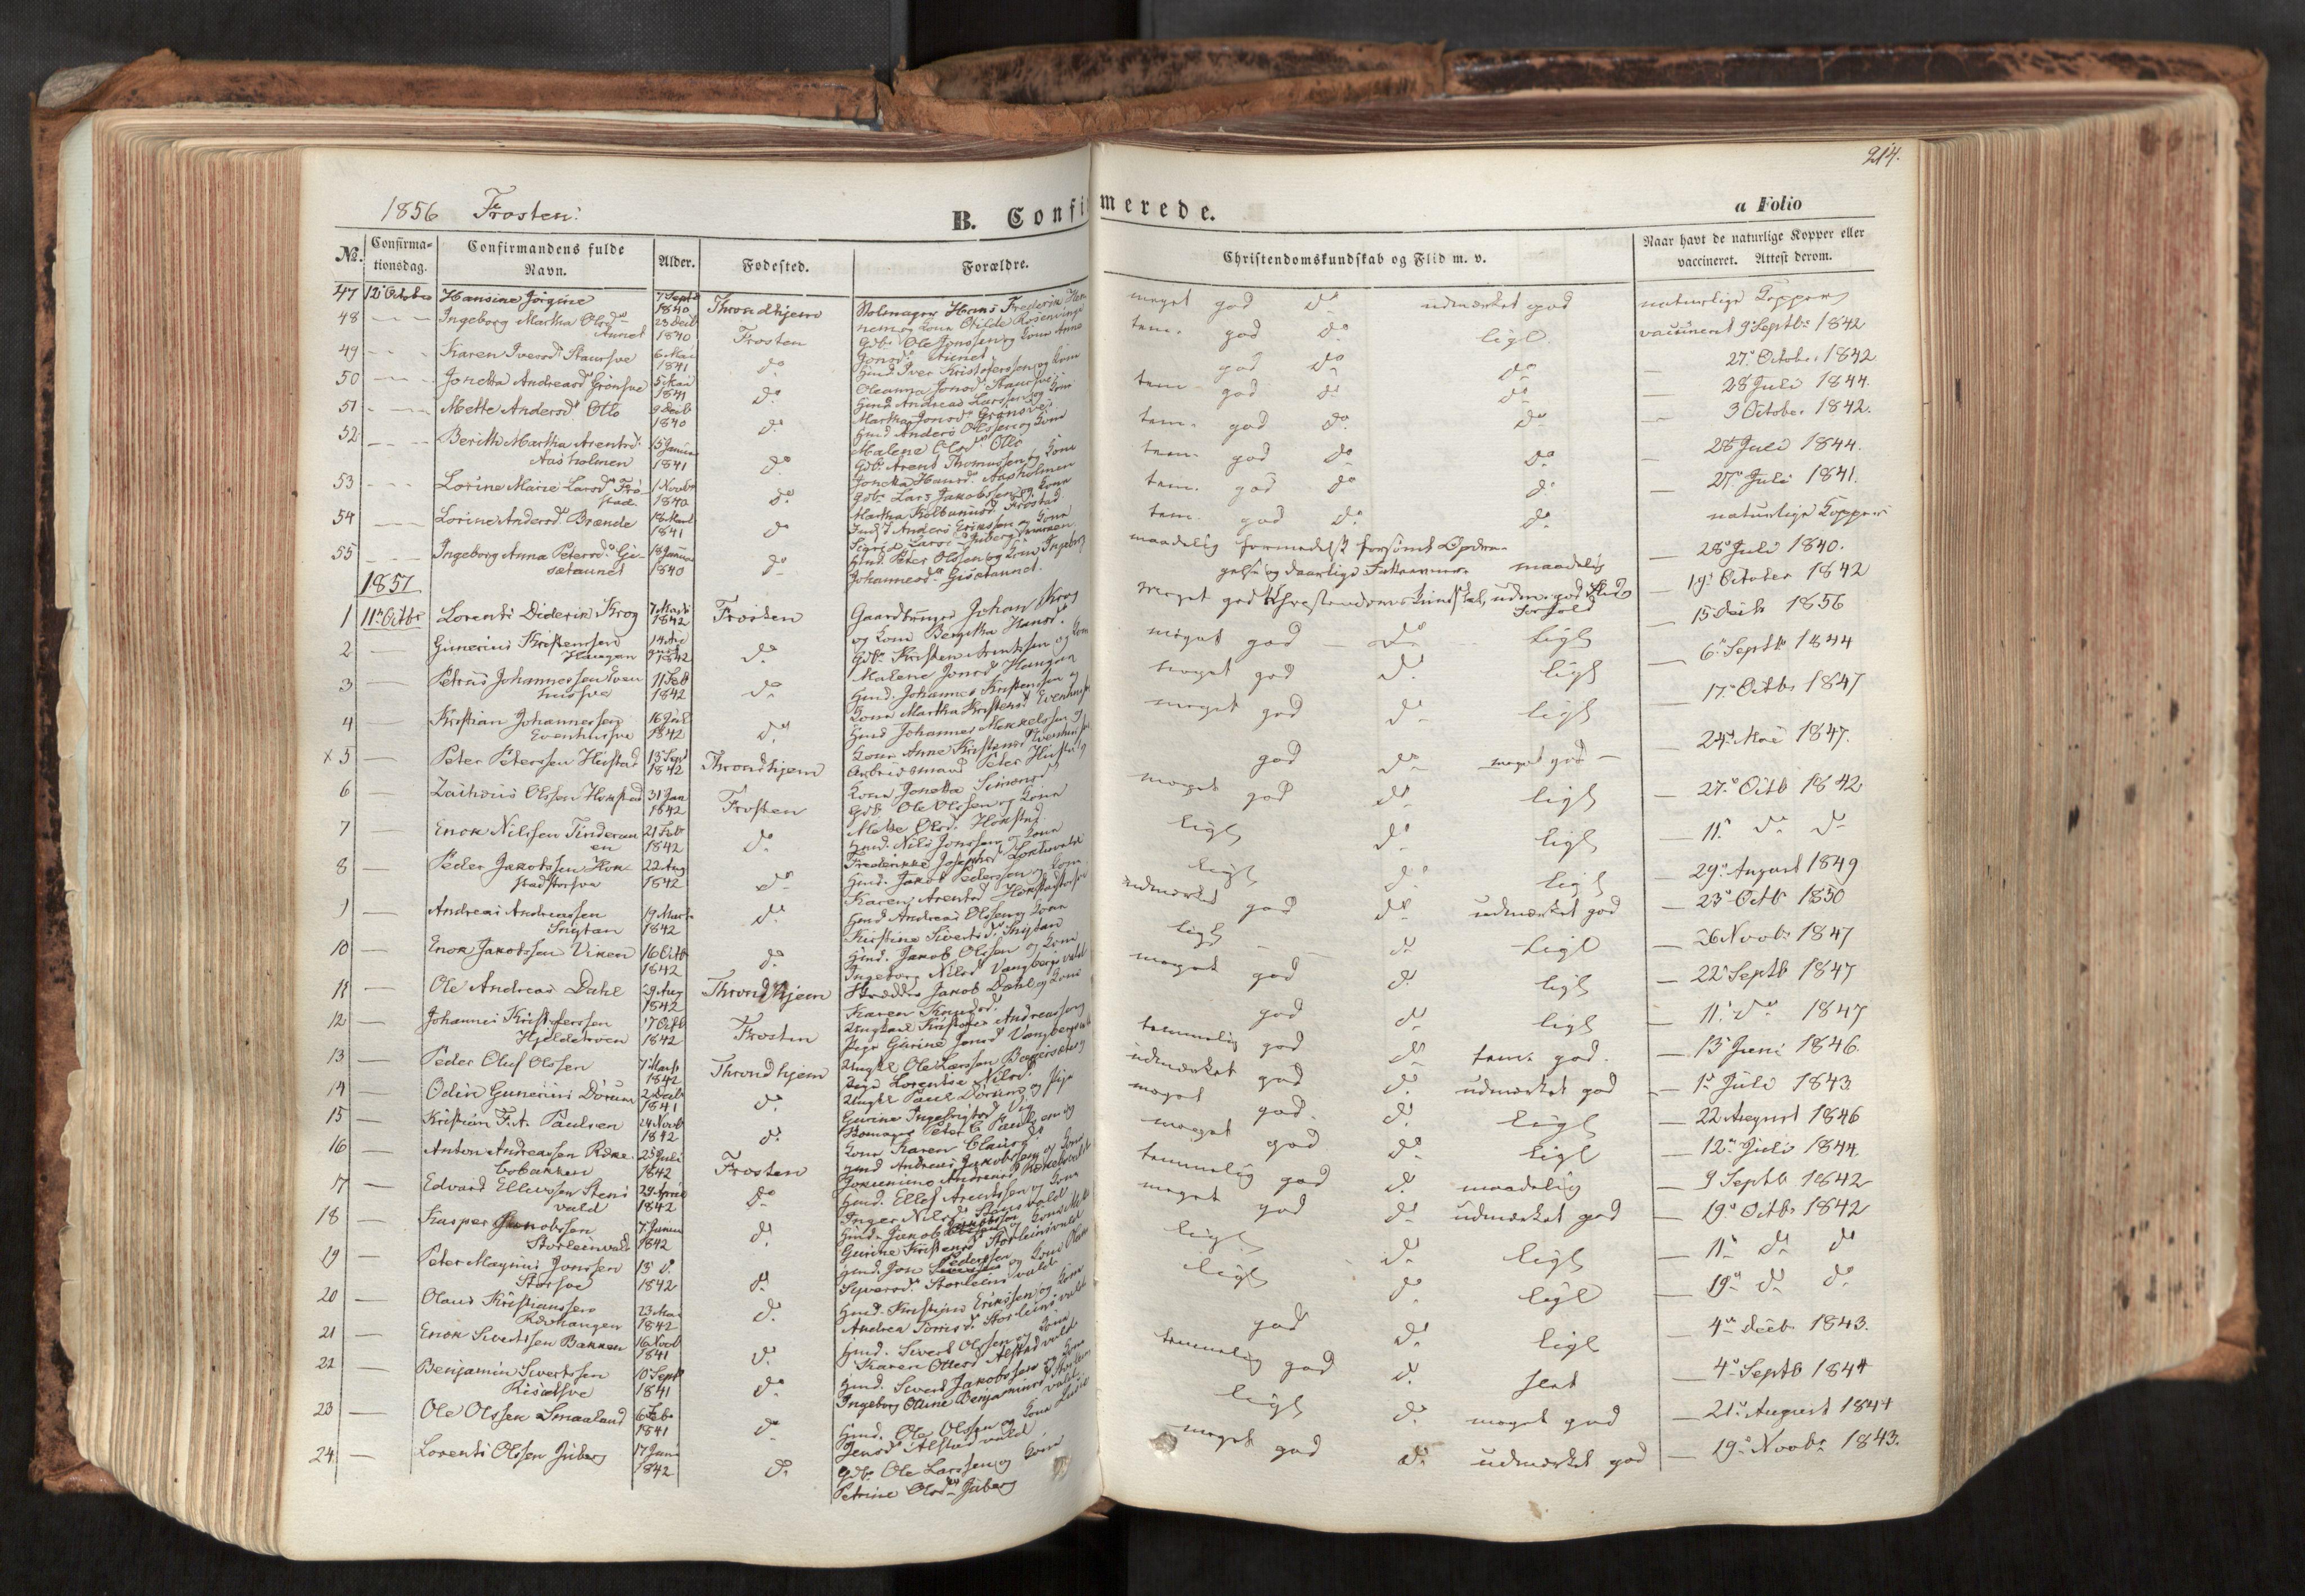 SAT, Ministerialprotokoller, klokkerbøker og fødselsregistre - Nord-Trøndelag, 713/L0116: Ministerialbok nr. 713A07, 1850-1877, s. 214